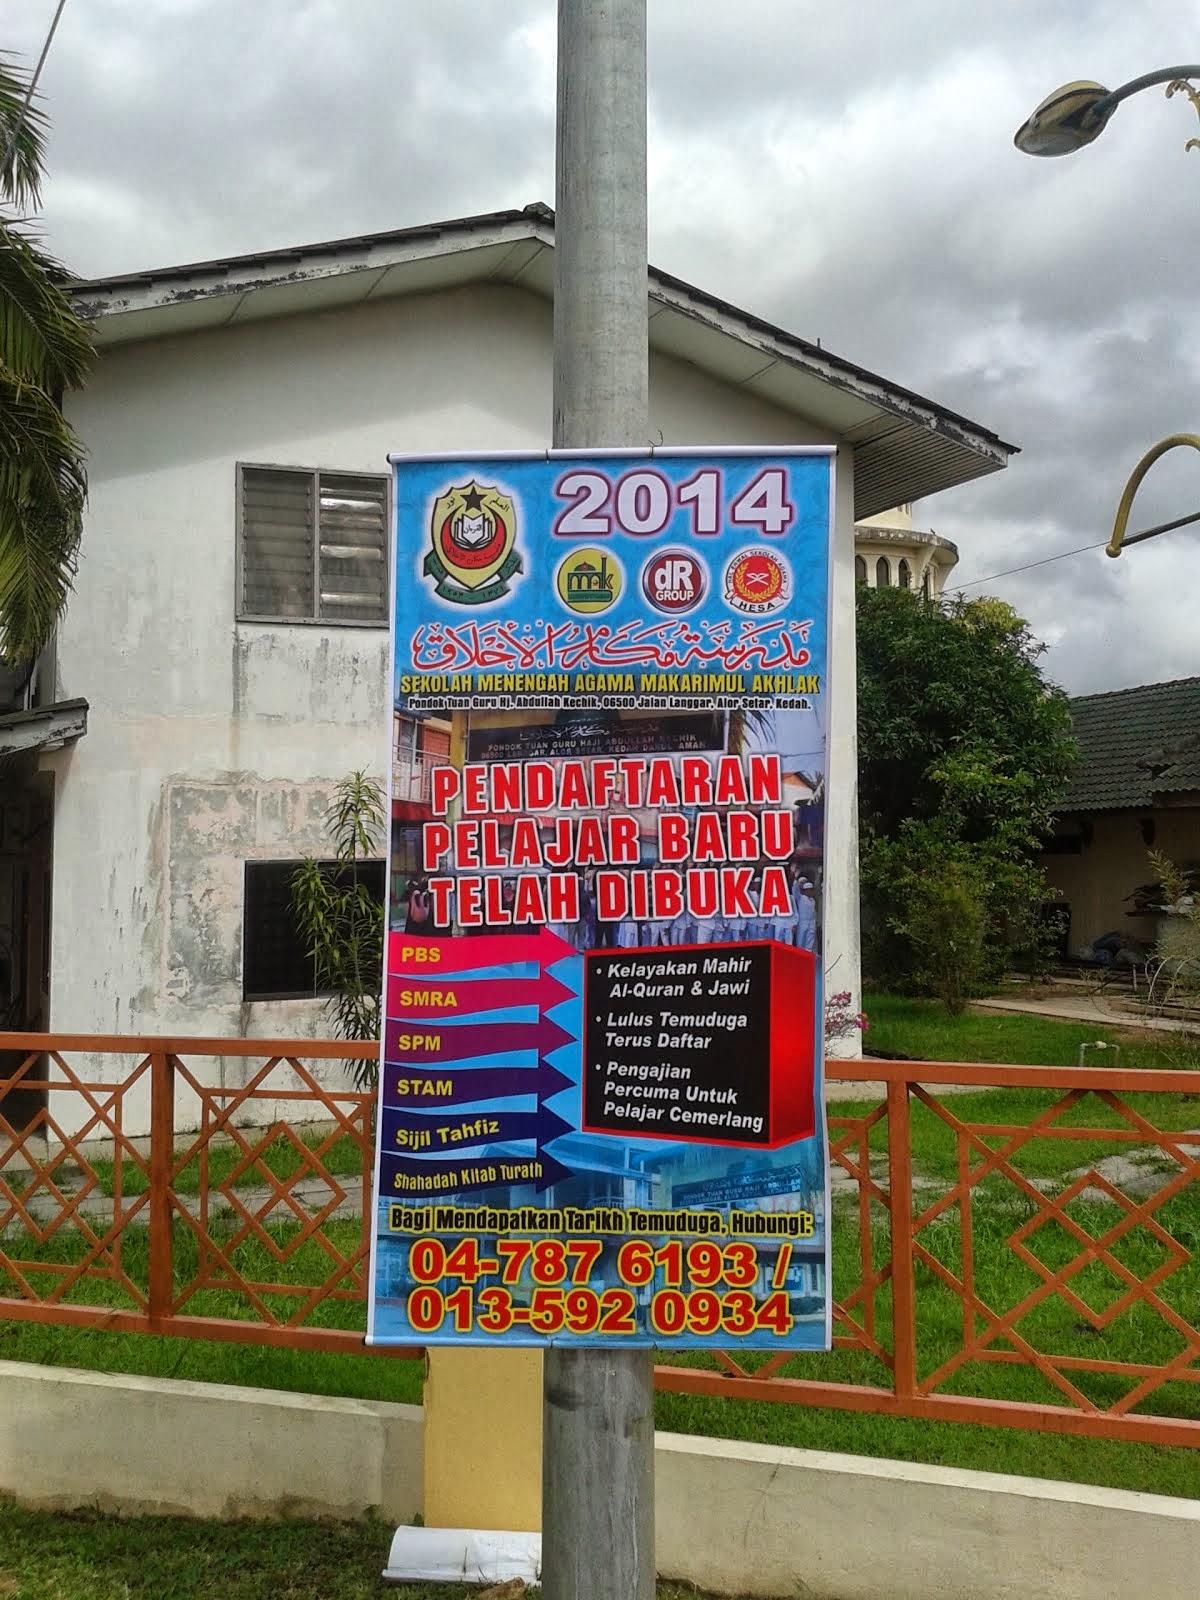 Pengambilan Pelajar Baru 2014